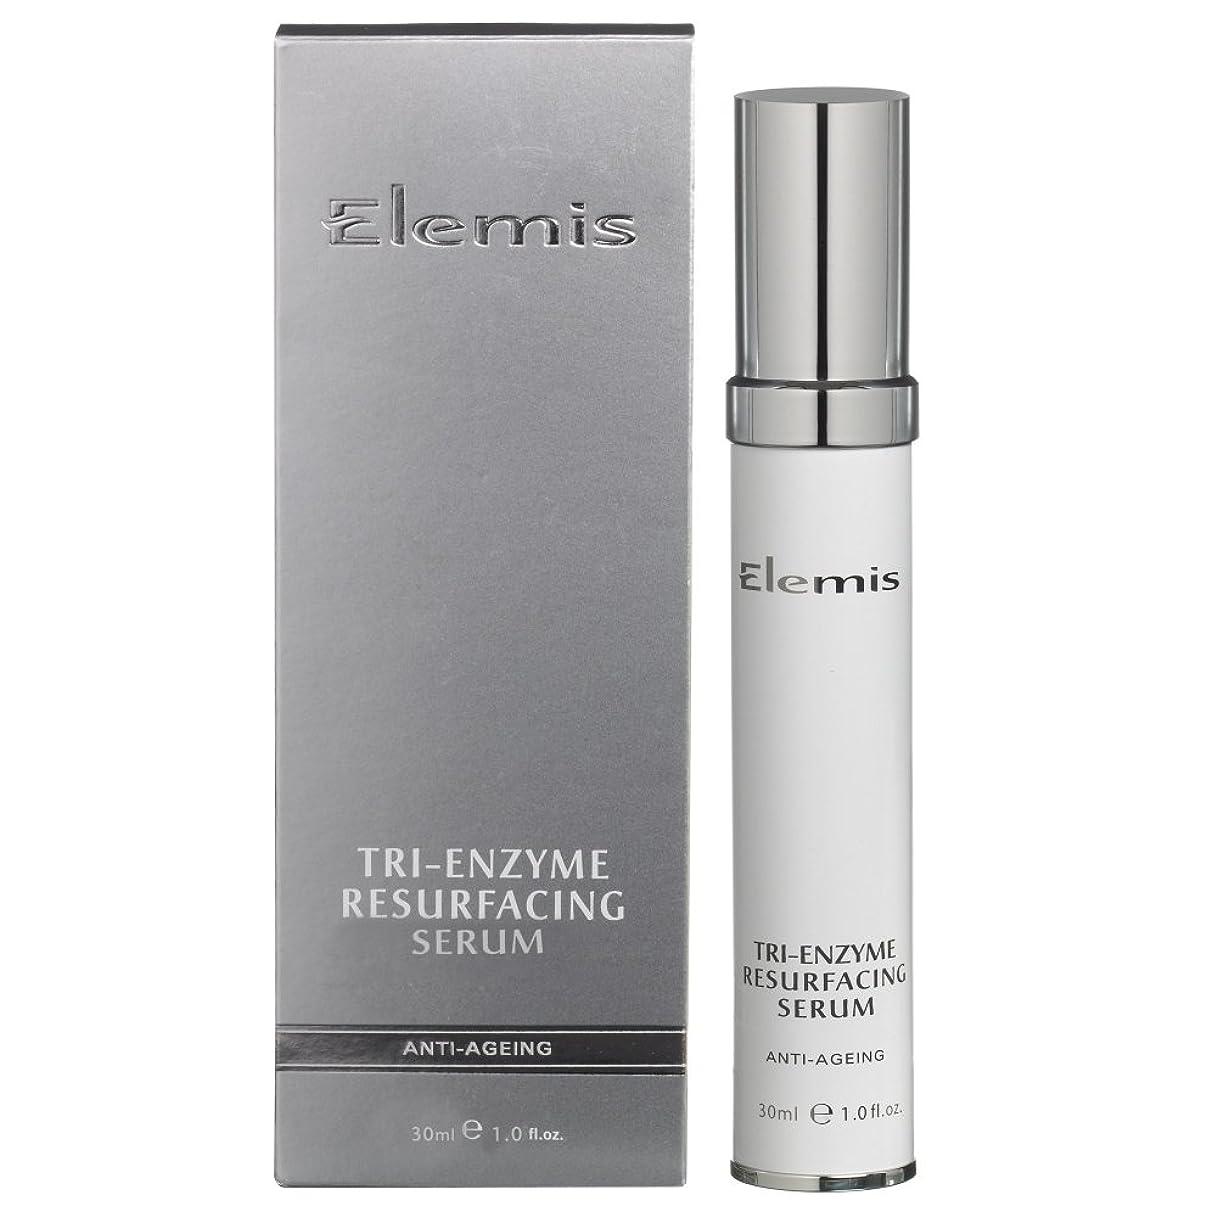 アイドル流産スリルエレミストライ酵素リサーフェシング血清 (Elemis) (x6) - Elemis Tri-Enzyme Resurfacing Serum (Pack of 6) [並行輸入品]